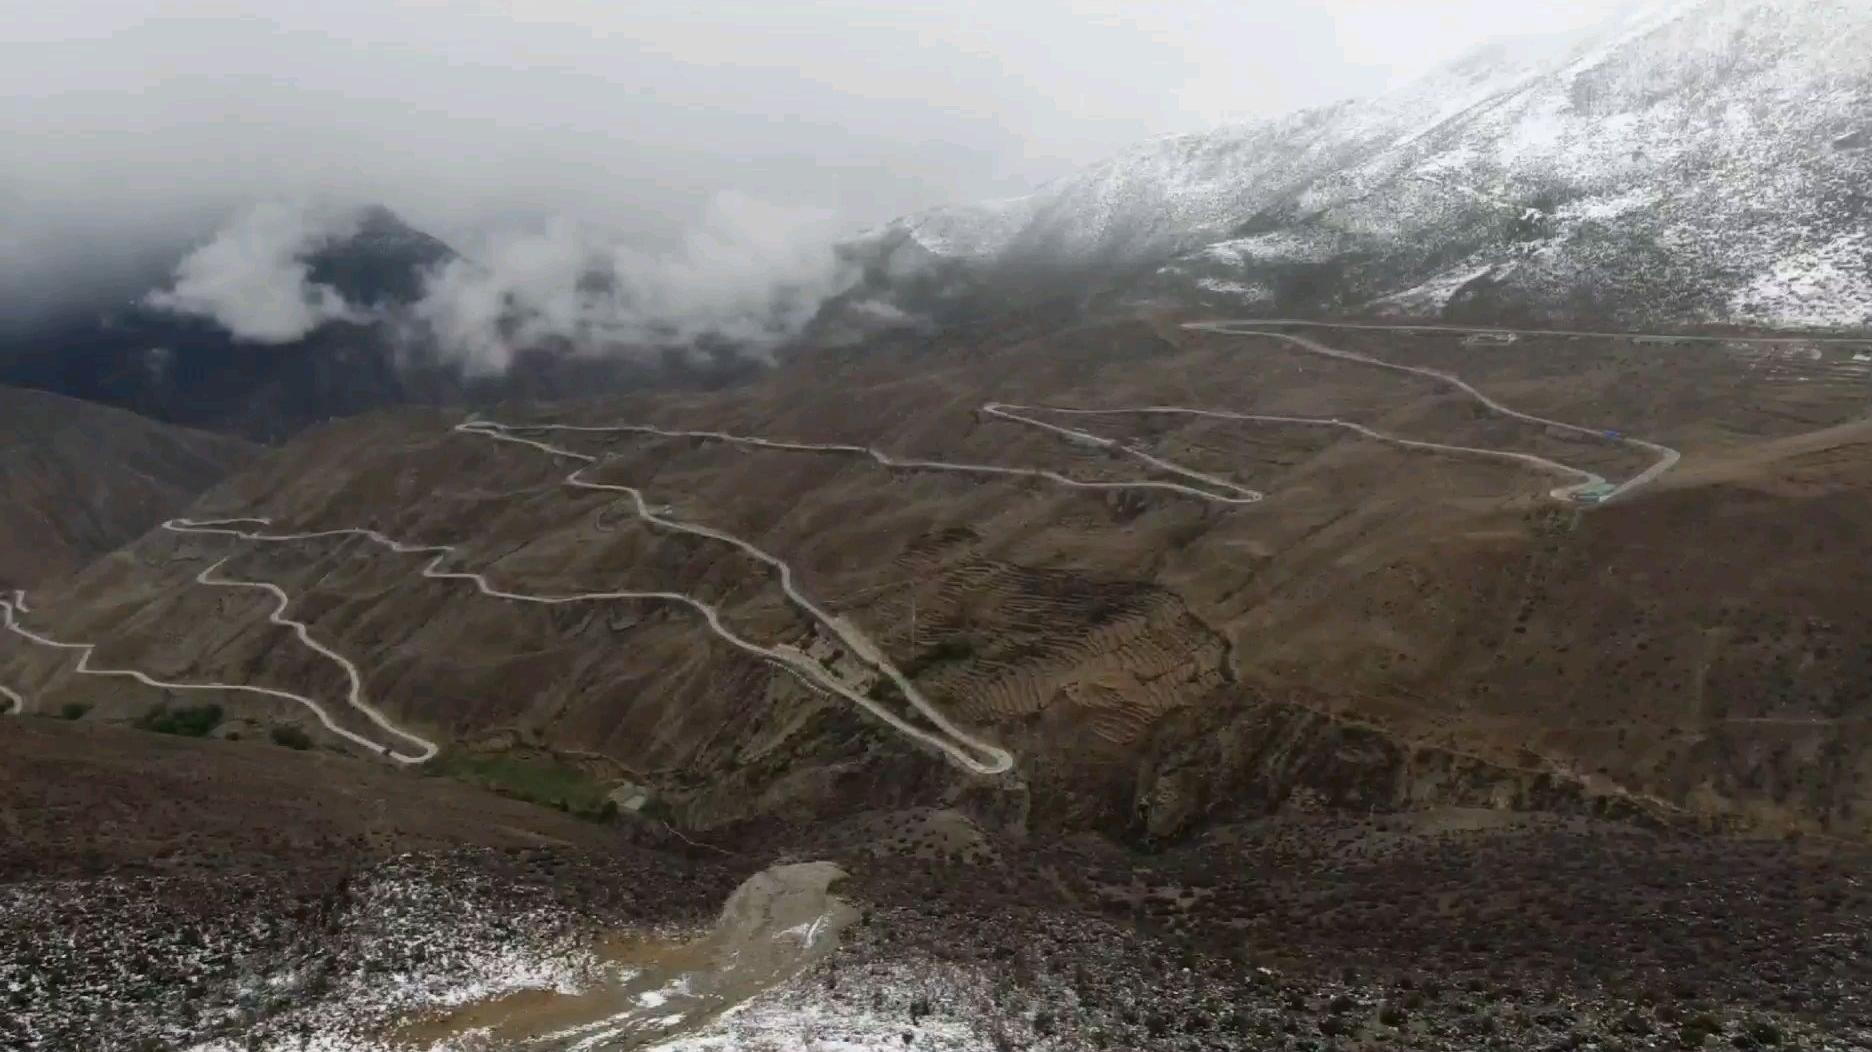 4658米的业拉山下起了大雪,路面结冰,我没带防滑链啊,而且还堵车了